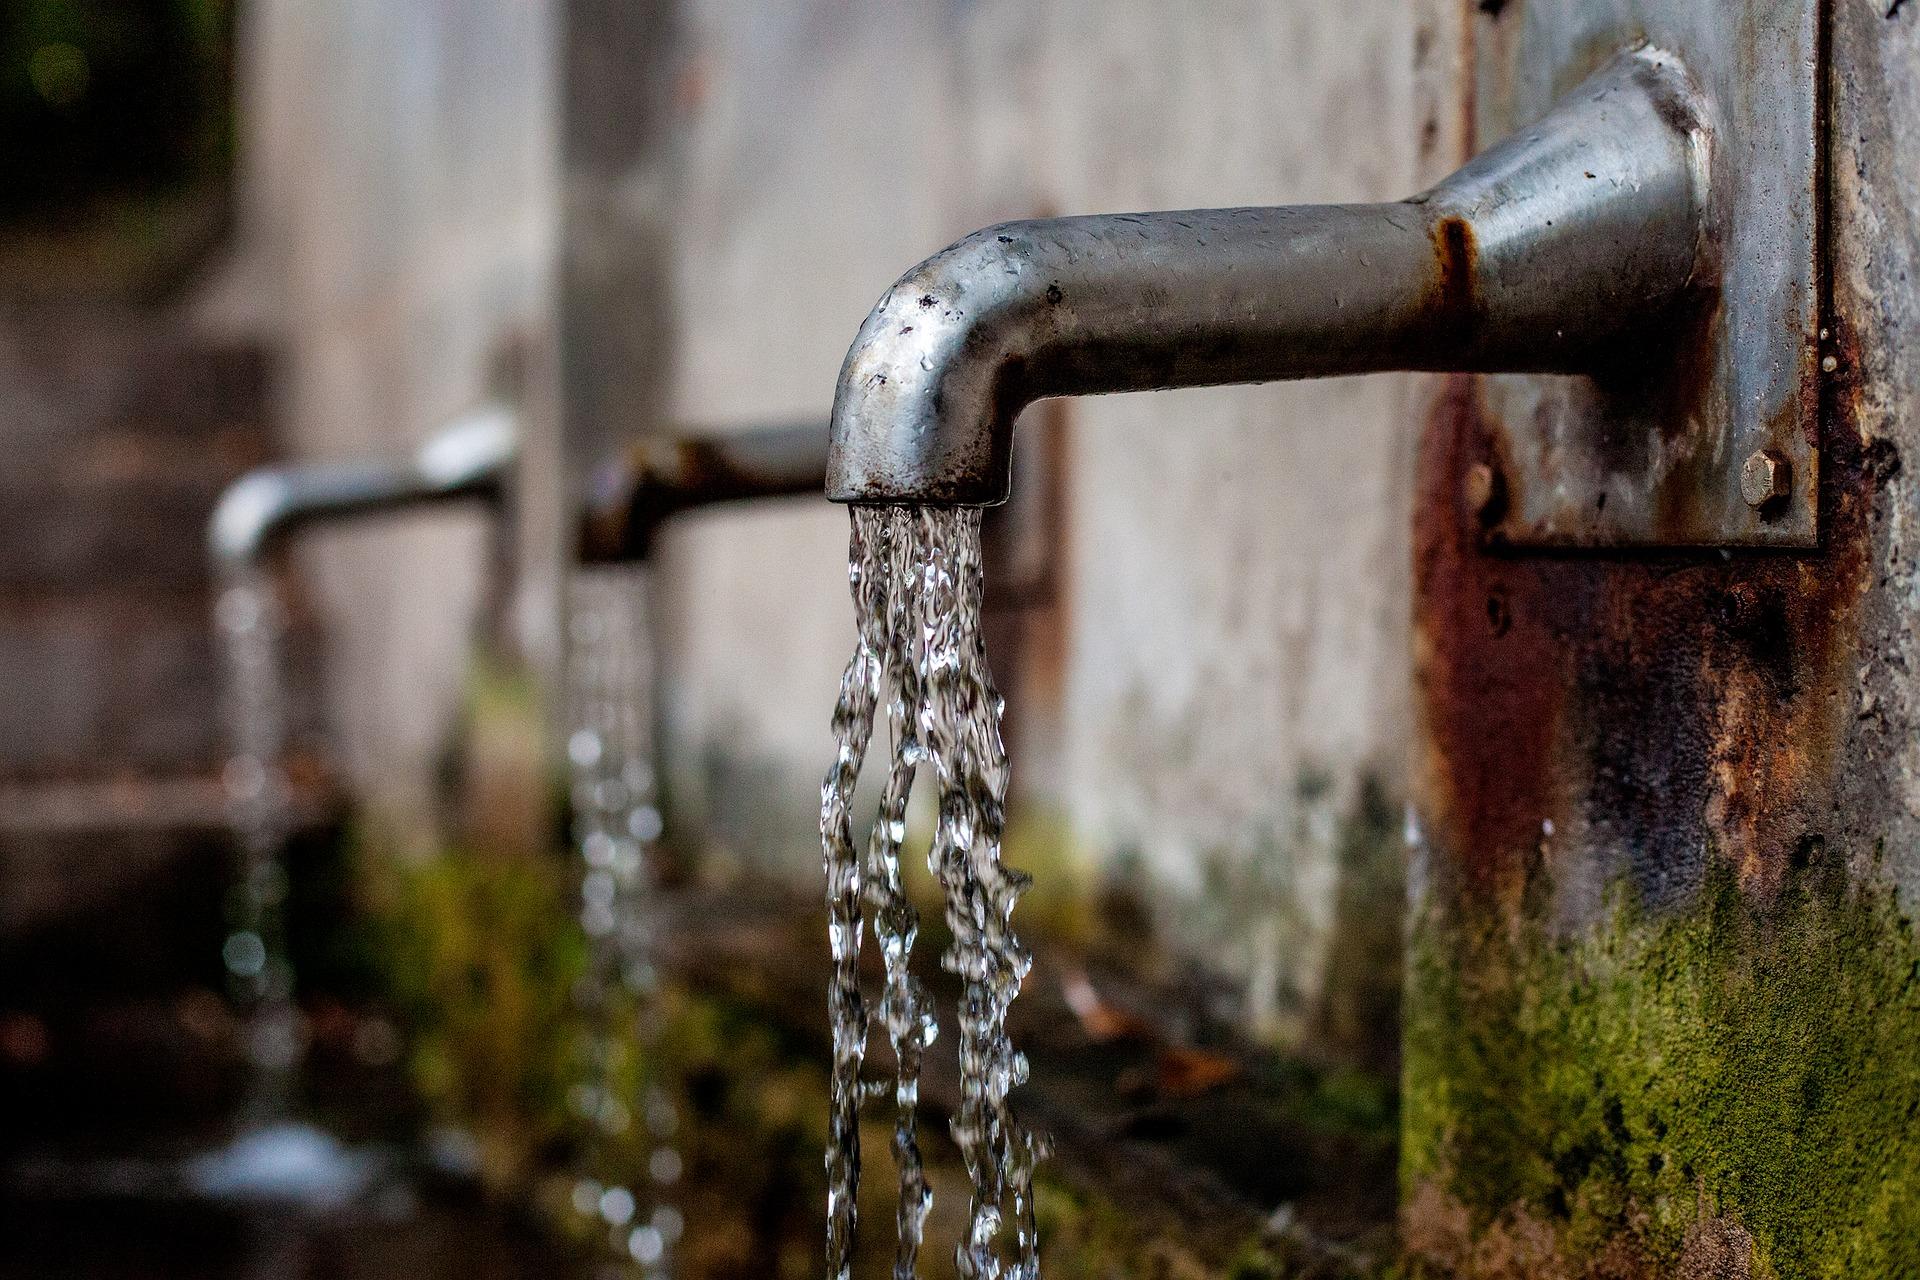 Porlezza: ordinanza restrittiva sull'uso dell'acqua